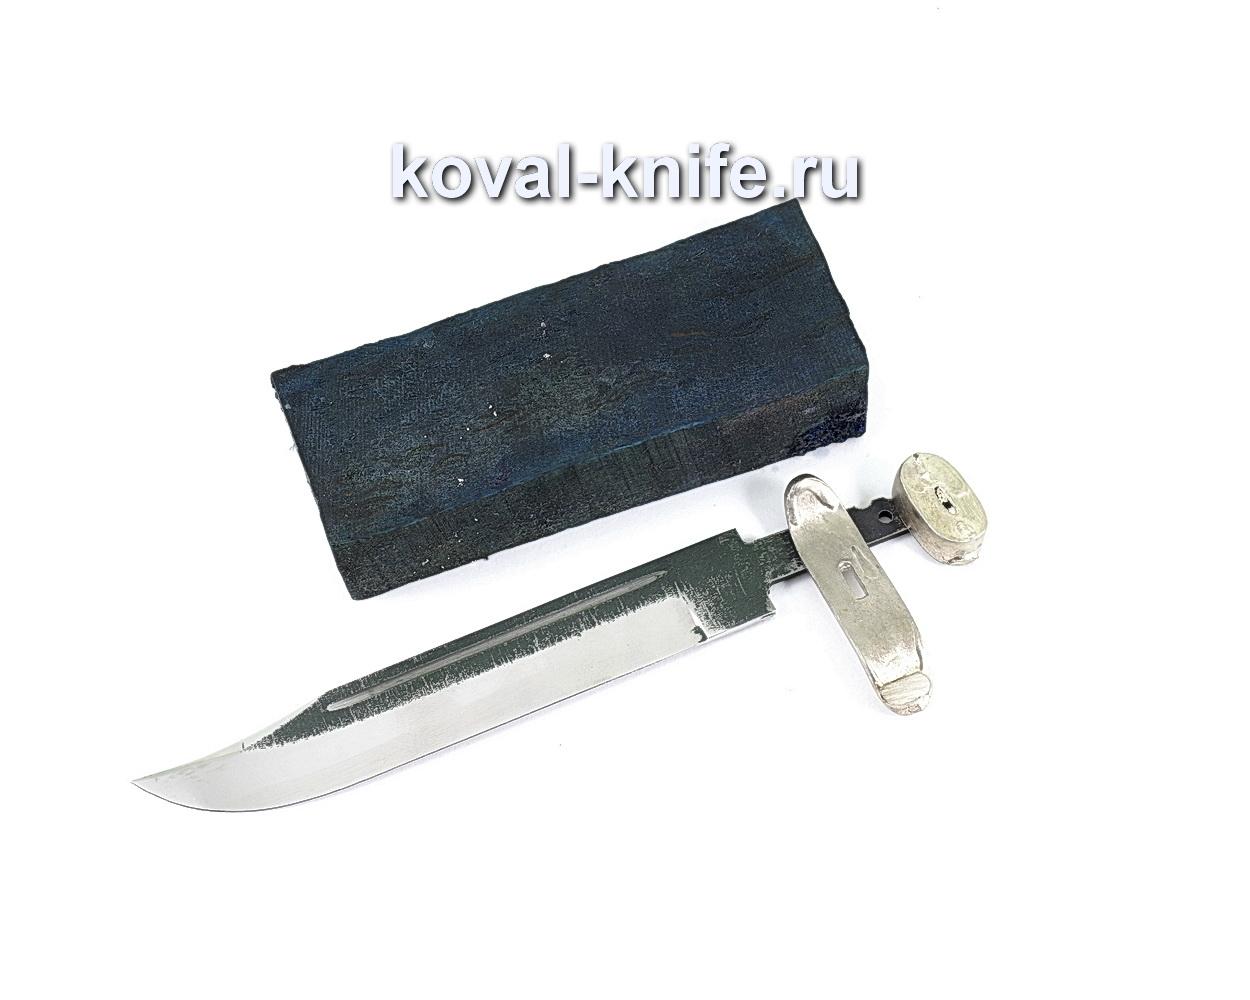 Комплект для ножа НР-40 6 (клинок кованая 110х18 3,5мм, литье 2шт., граб брусок)